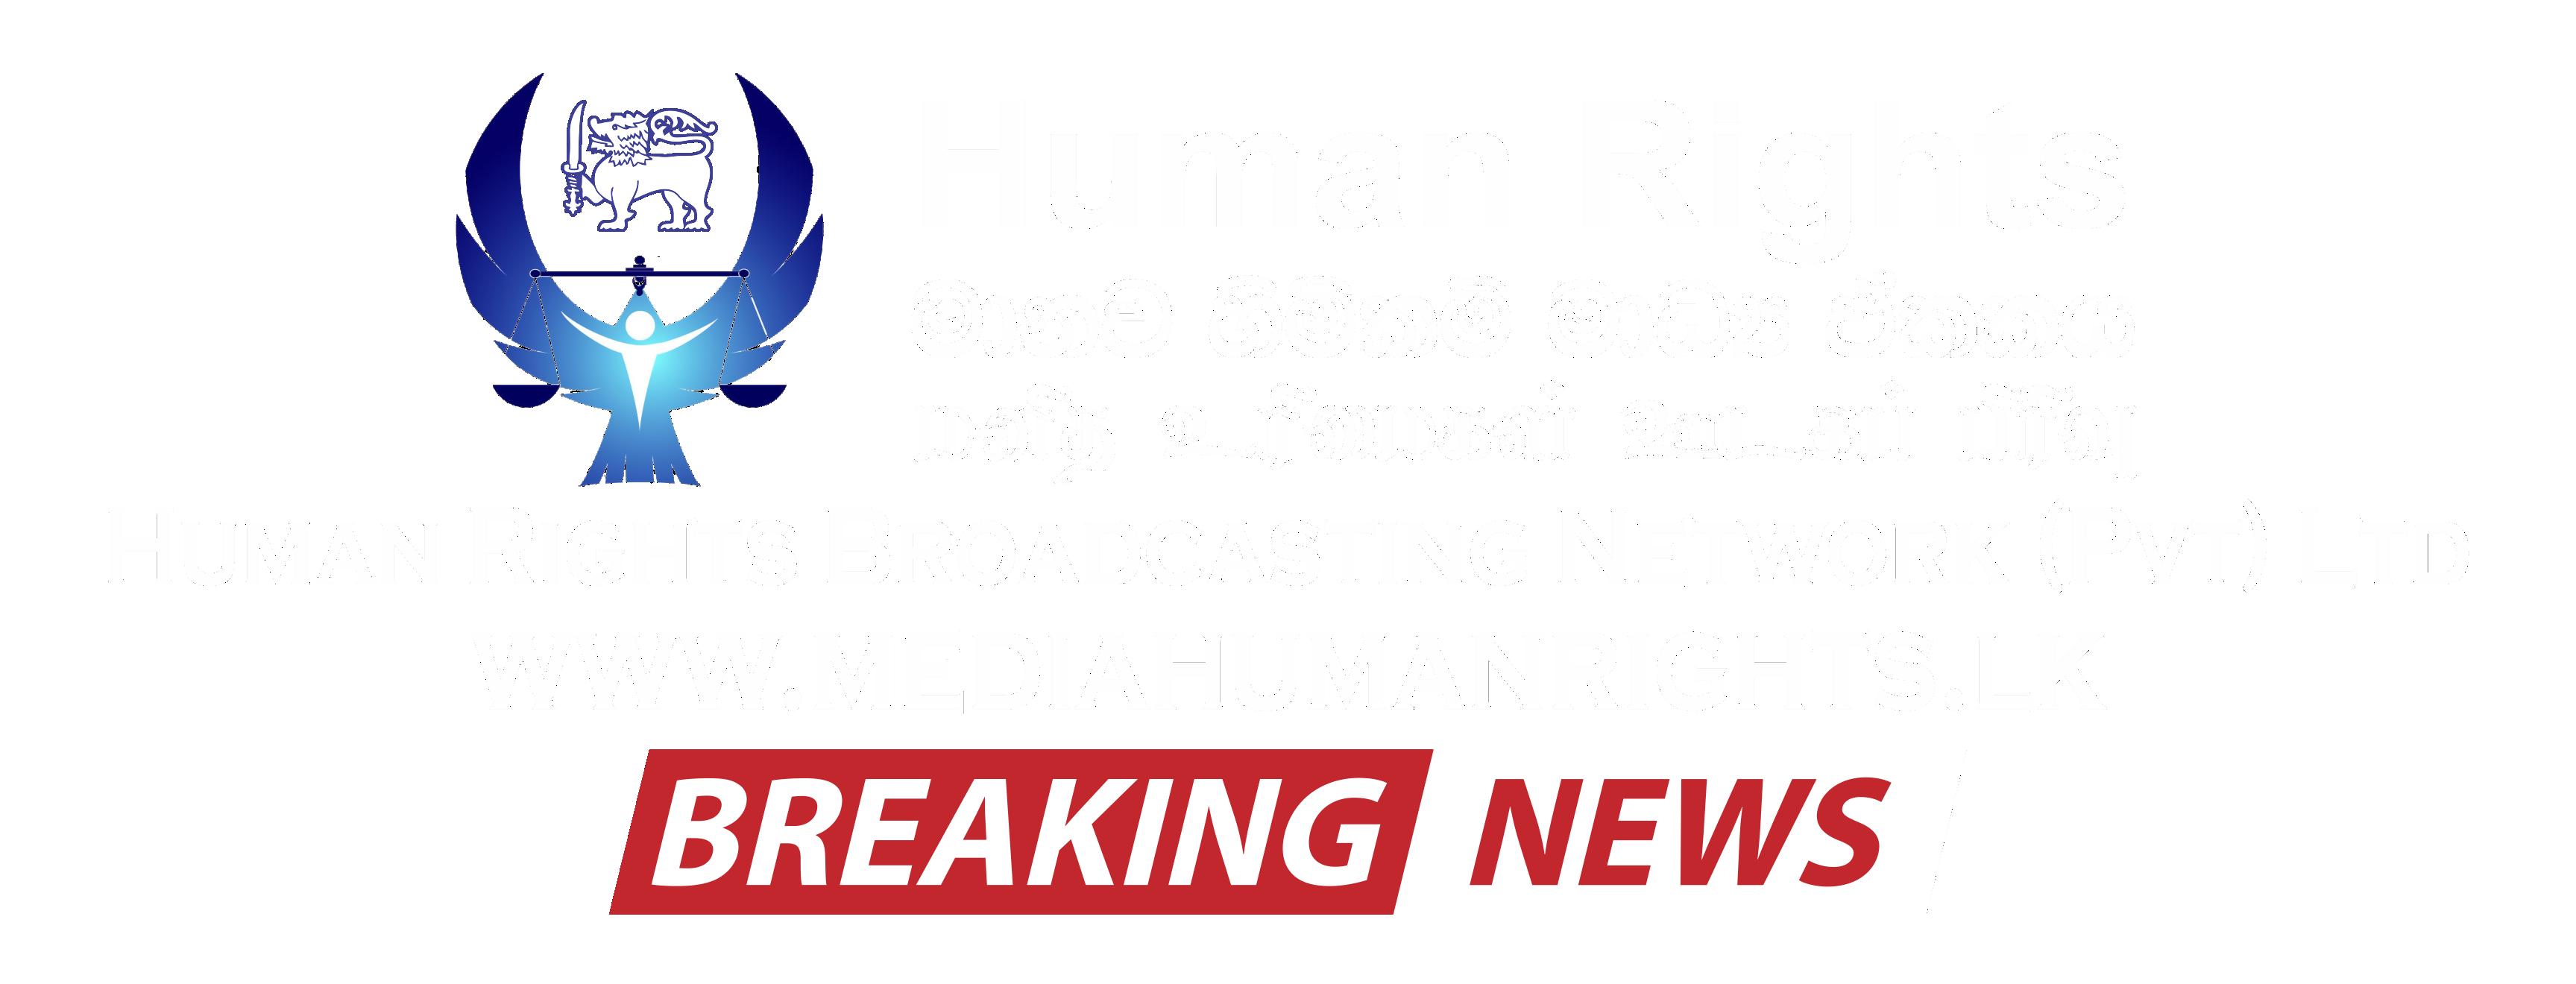 mediahumanrights.lk